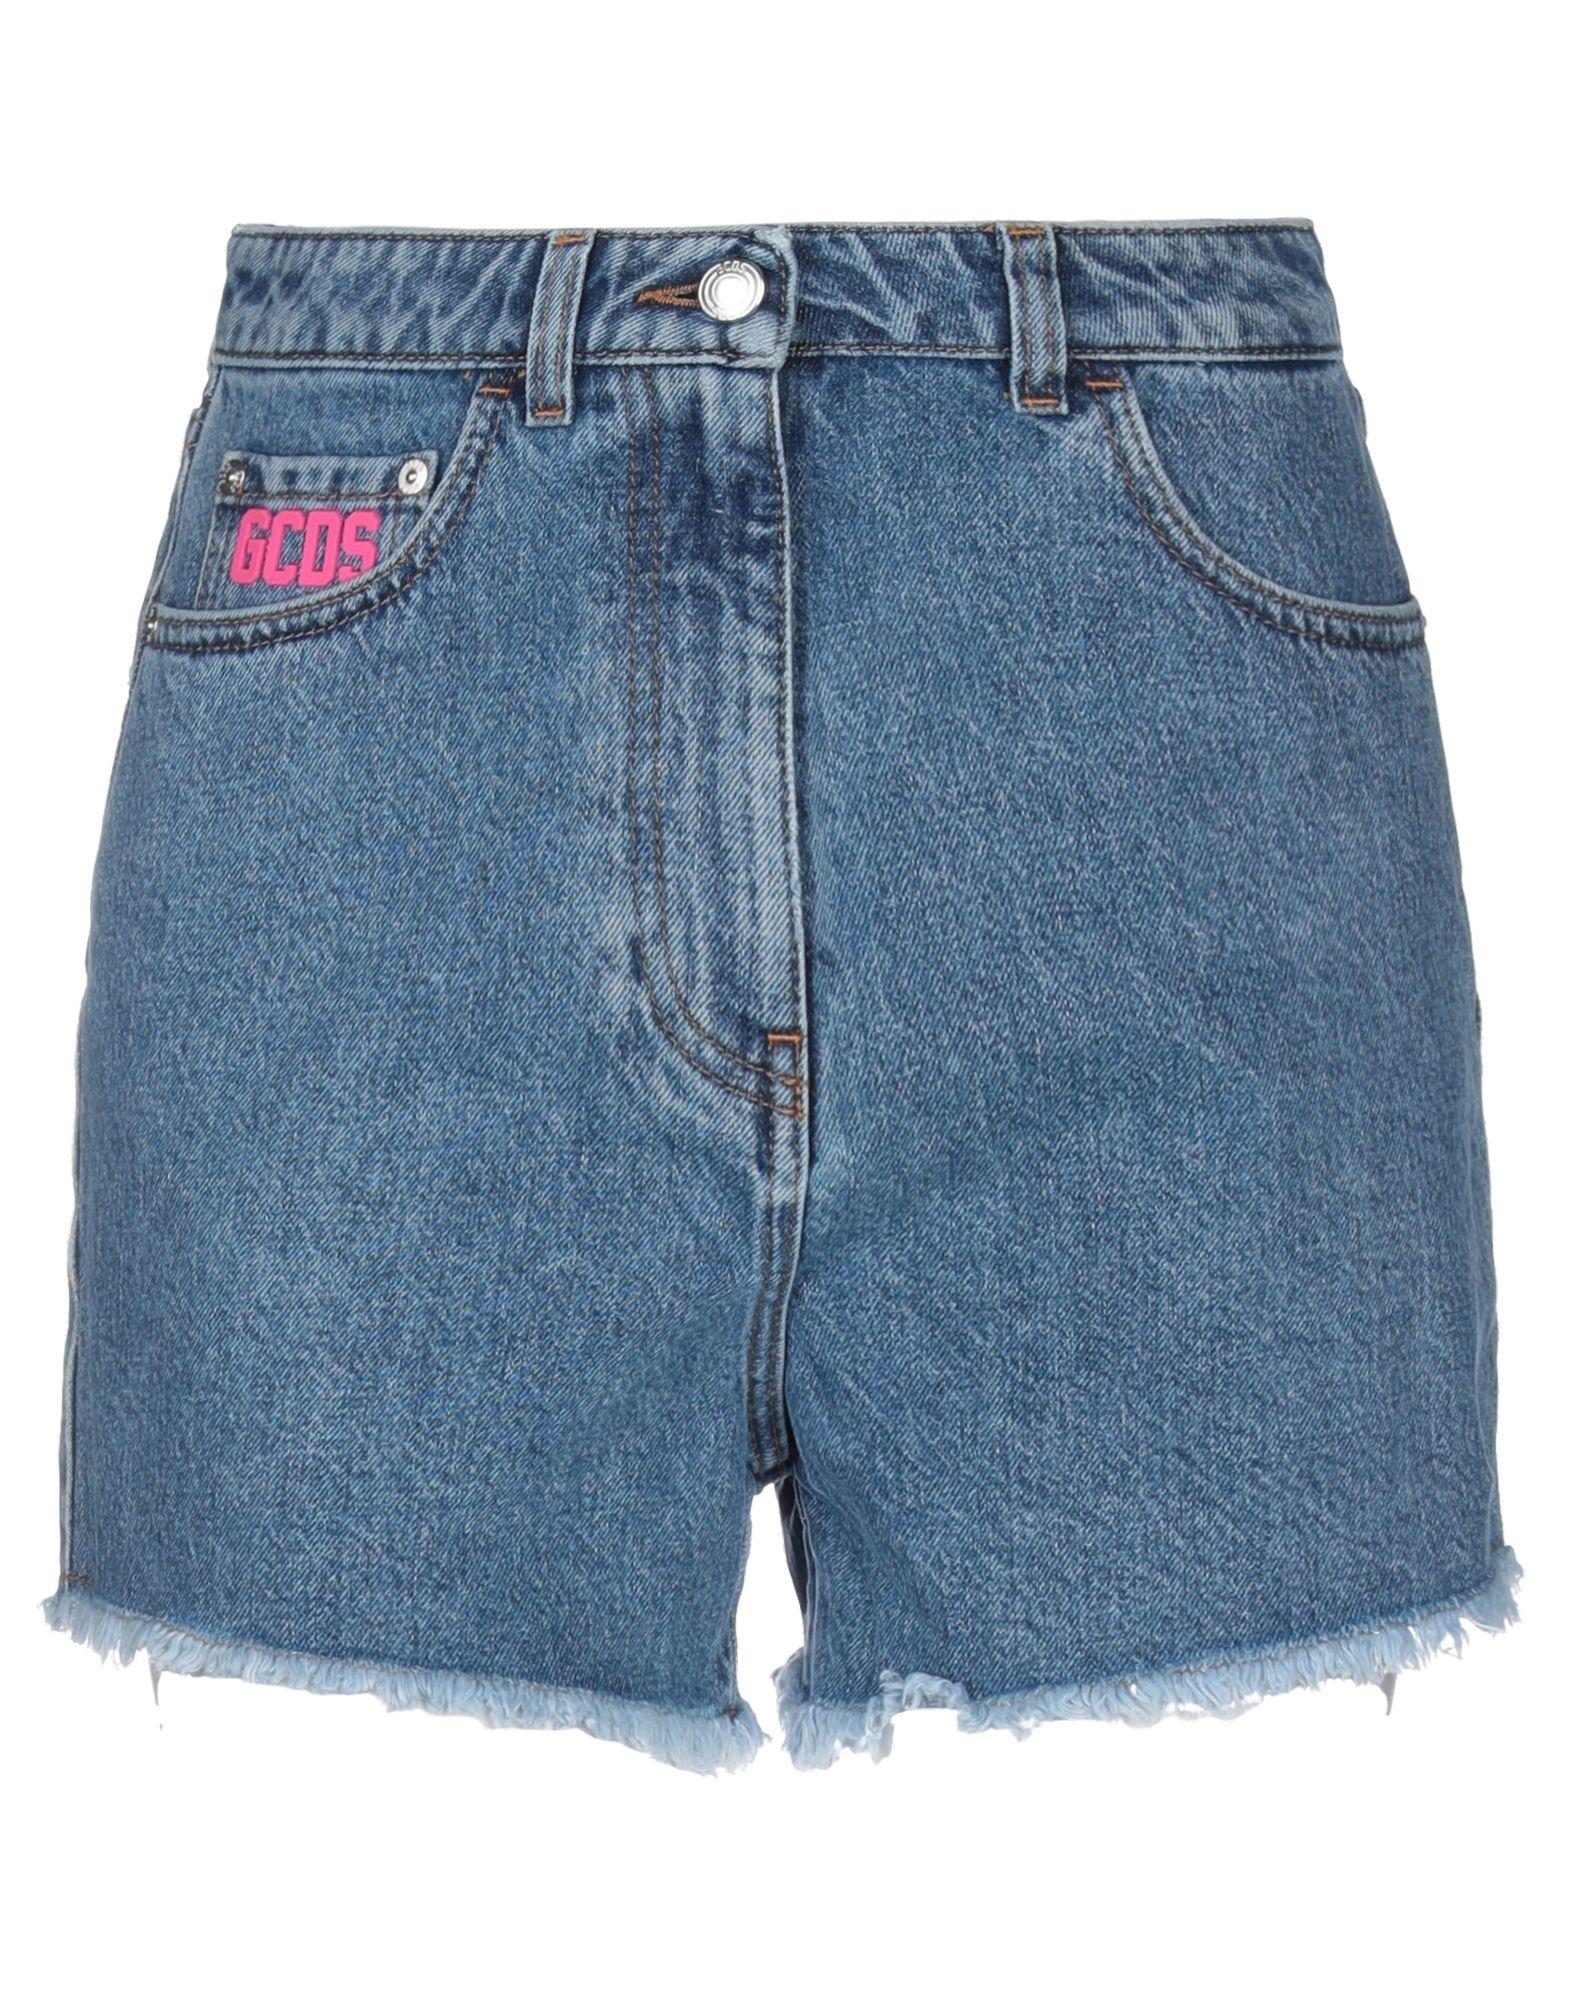 Фото - GCDS Джинсовые шорты please джинсовые шорты